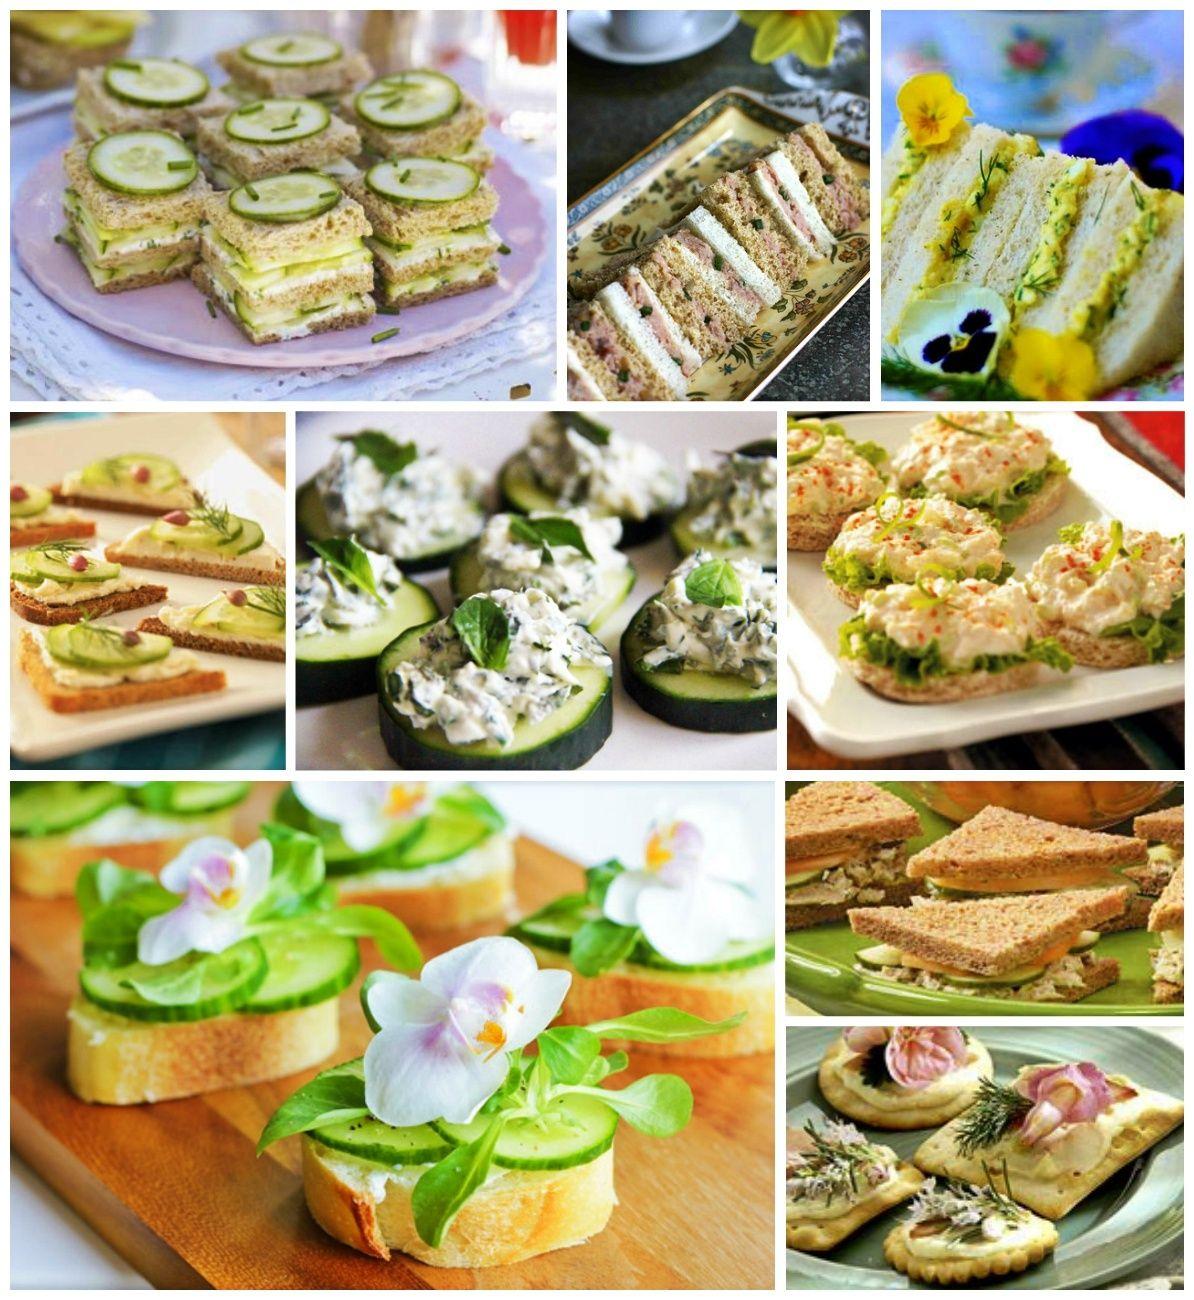 High tea menus and recipes - A Series Of Tea Rrific Tea Party Ideas Tea Party Food Recipes